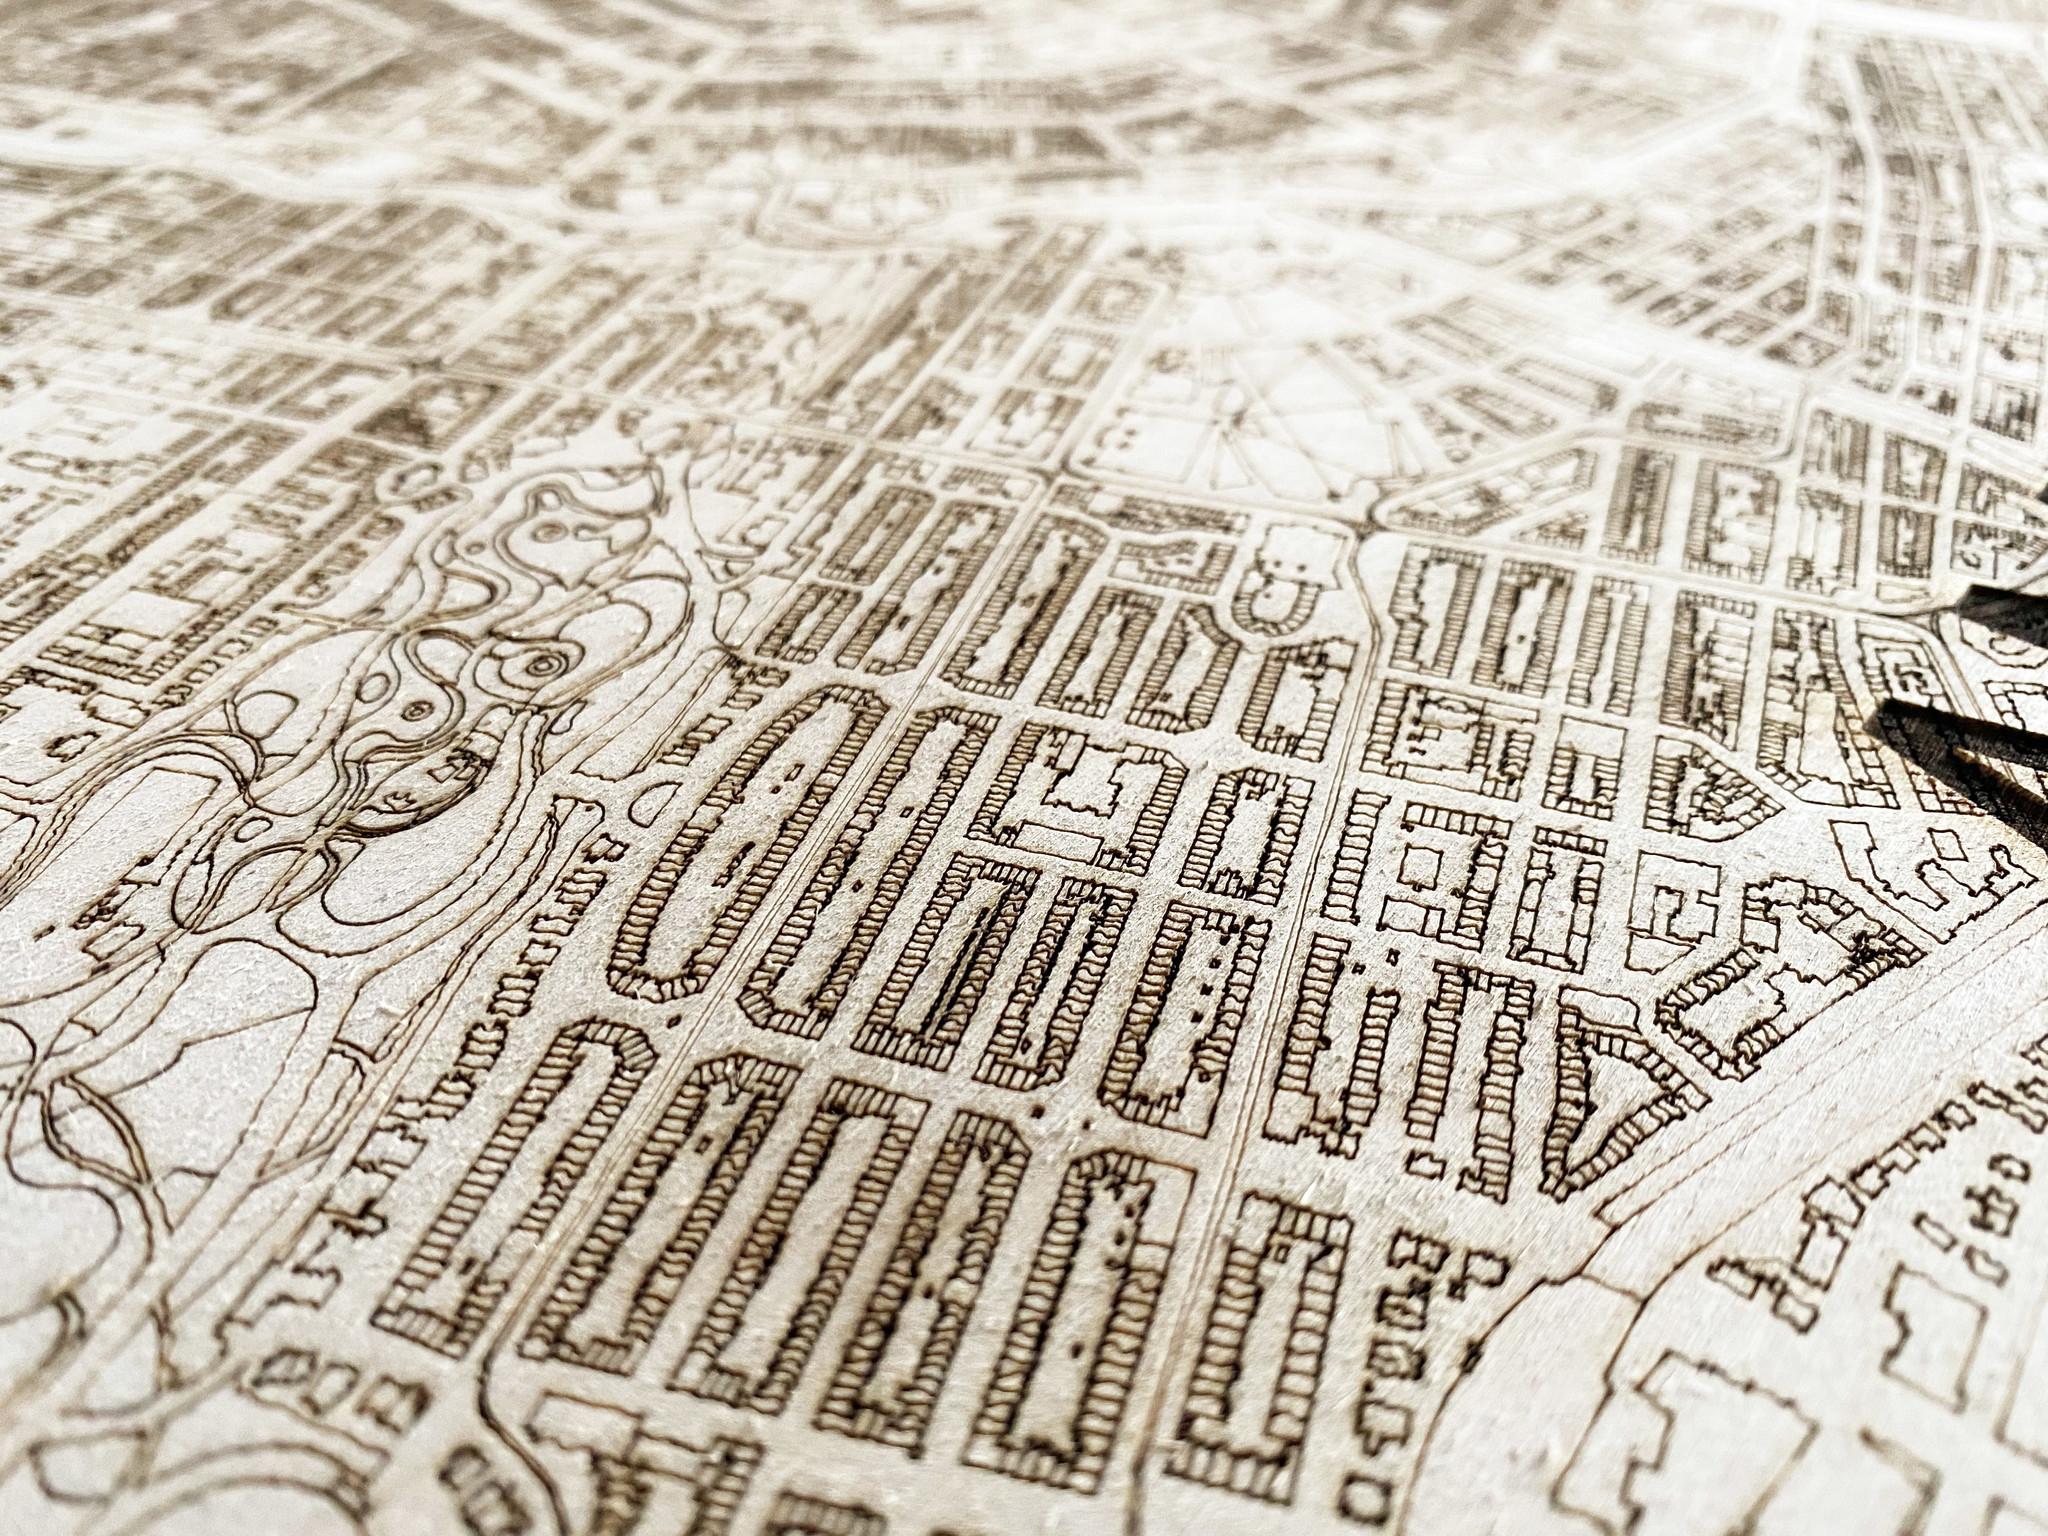 Houten stadsplattegrond Uitwijk-2